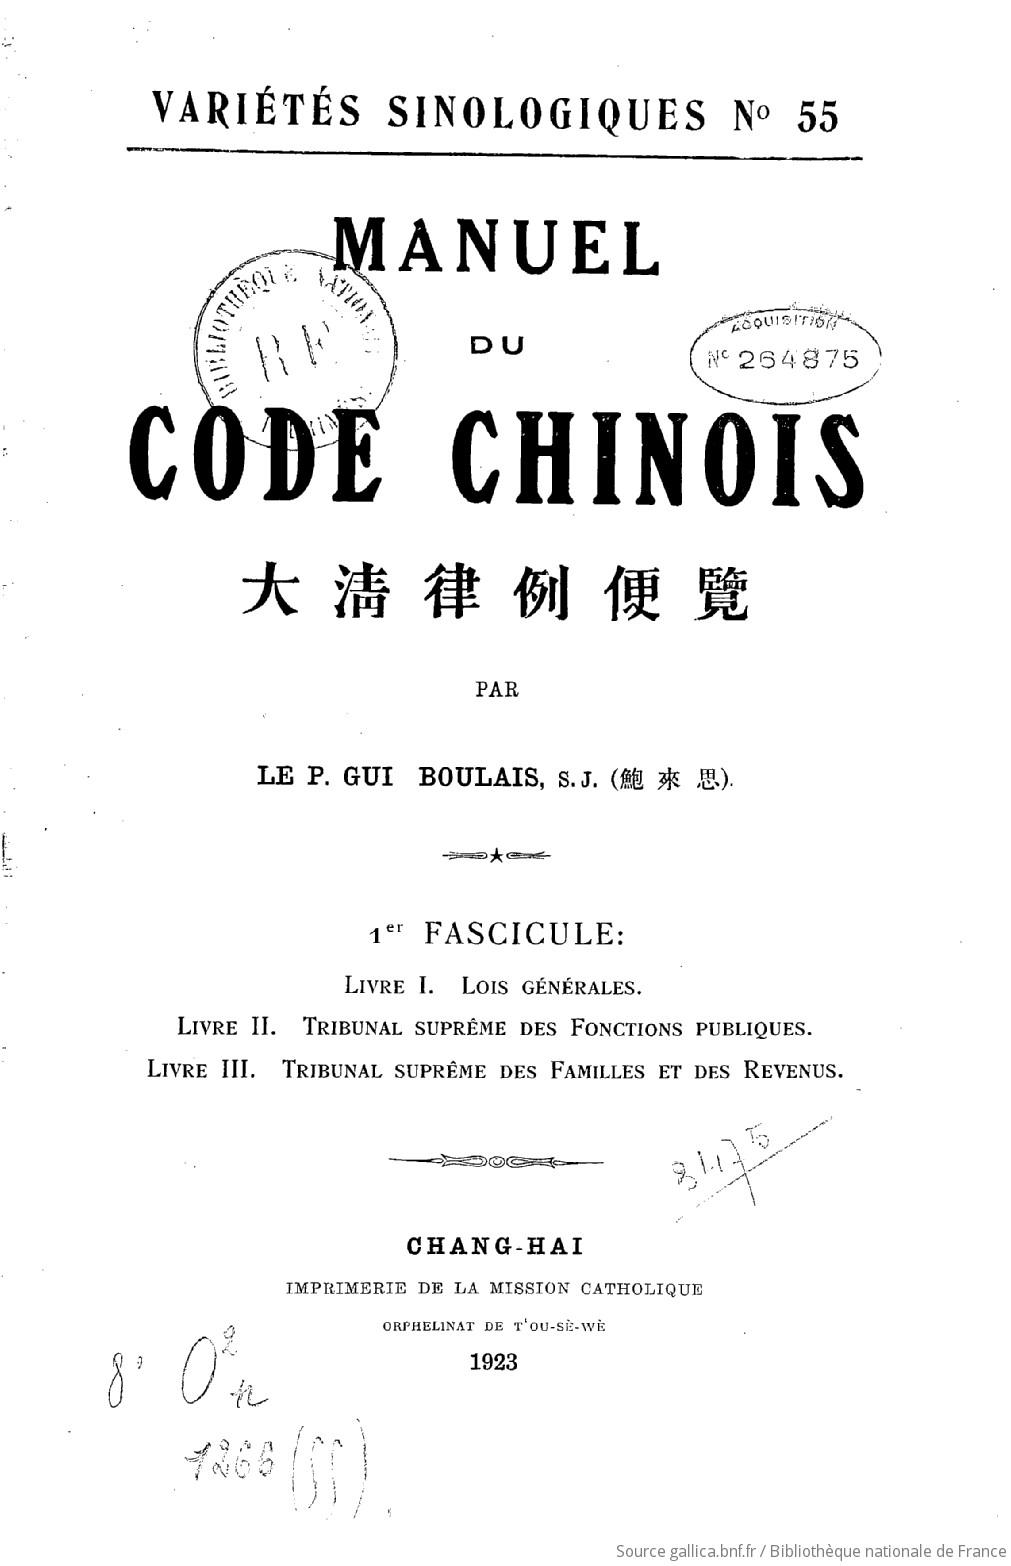 Manuel du code chinois par le p gui boulais gallica dcaler dune page thecheapjerseys Image collections